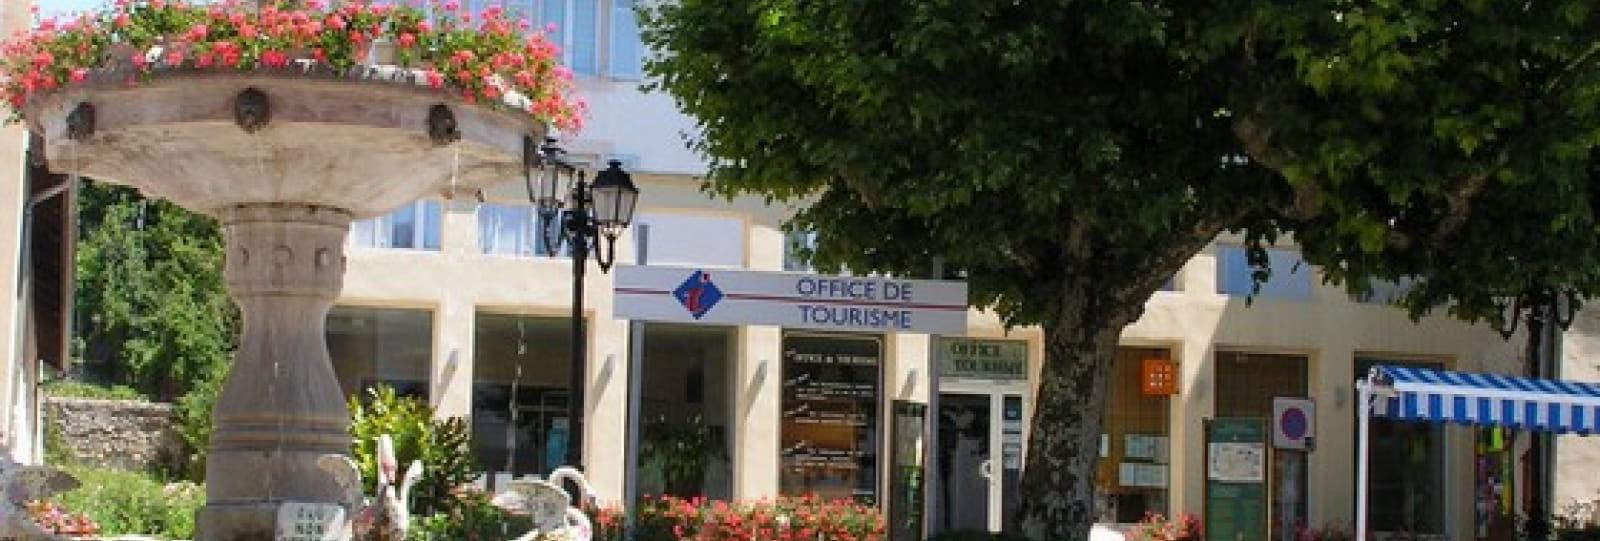 Office de Tourisme Vercors-Drôme - Accueil de St Jean en Royans